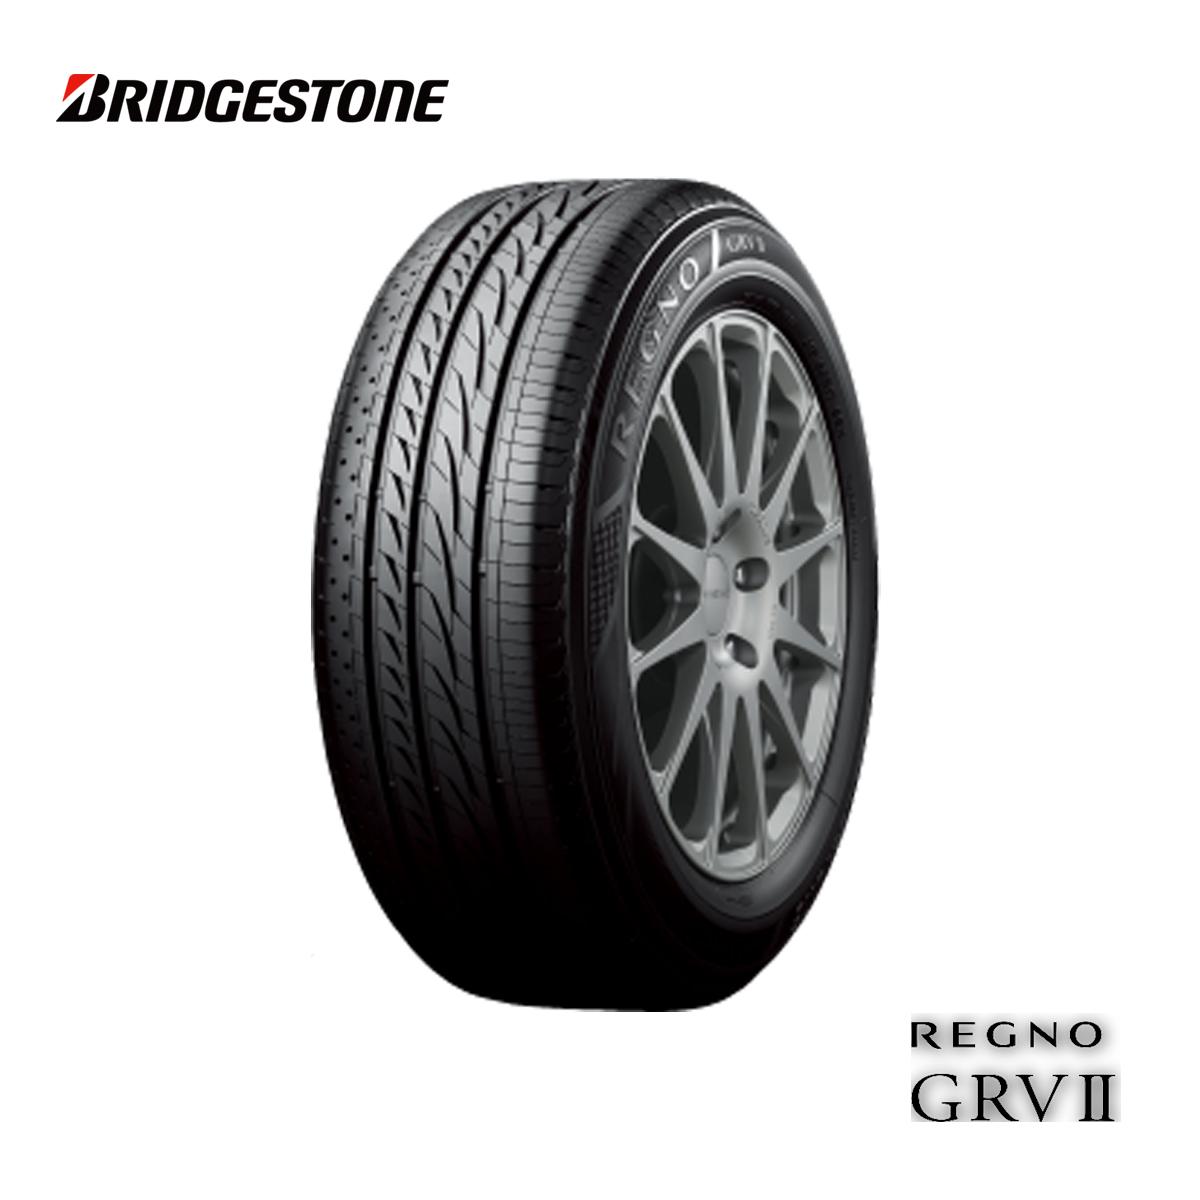 ブリヂストン BS 16インチ タイヤ 215/60R16 215 60 16 レグノ サマータイヤ 2本 低燃費 エコ 夏 サマー タイヤ BRIDGESTONE REGNO GRVII GRV2